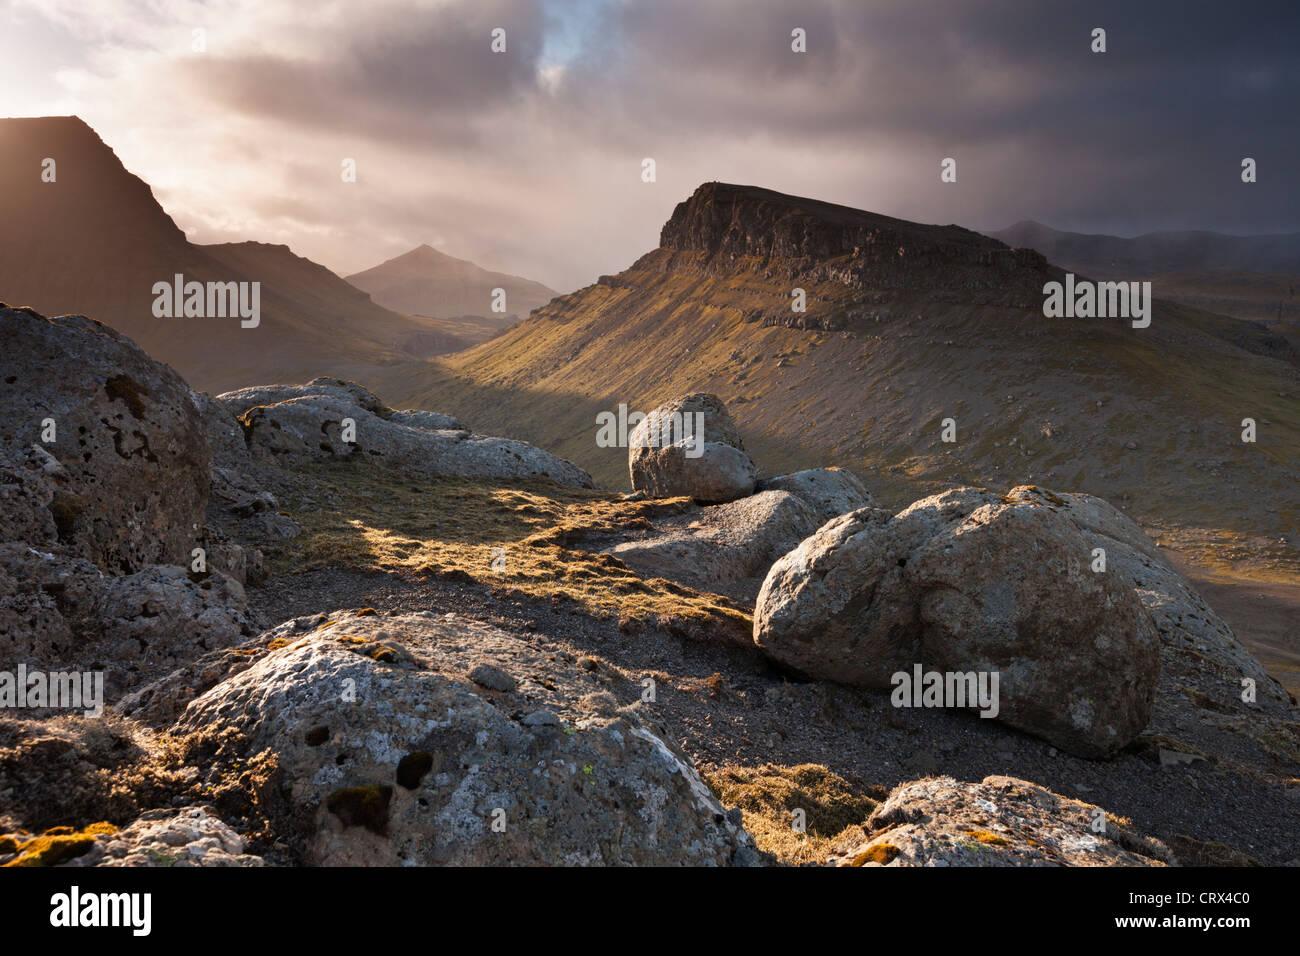 Interior montanhoso da ilha de Streymoy, uma das Ilhas Faroé. Mola (Junho) 2012. Imagens de Stock